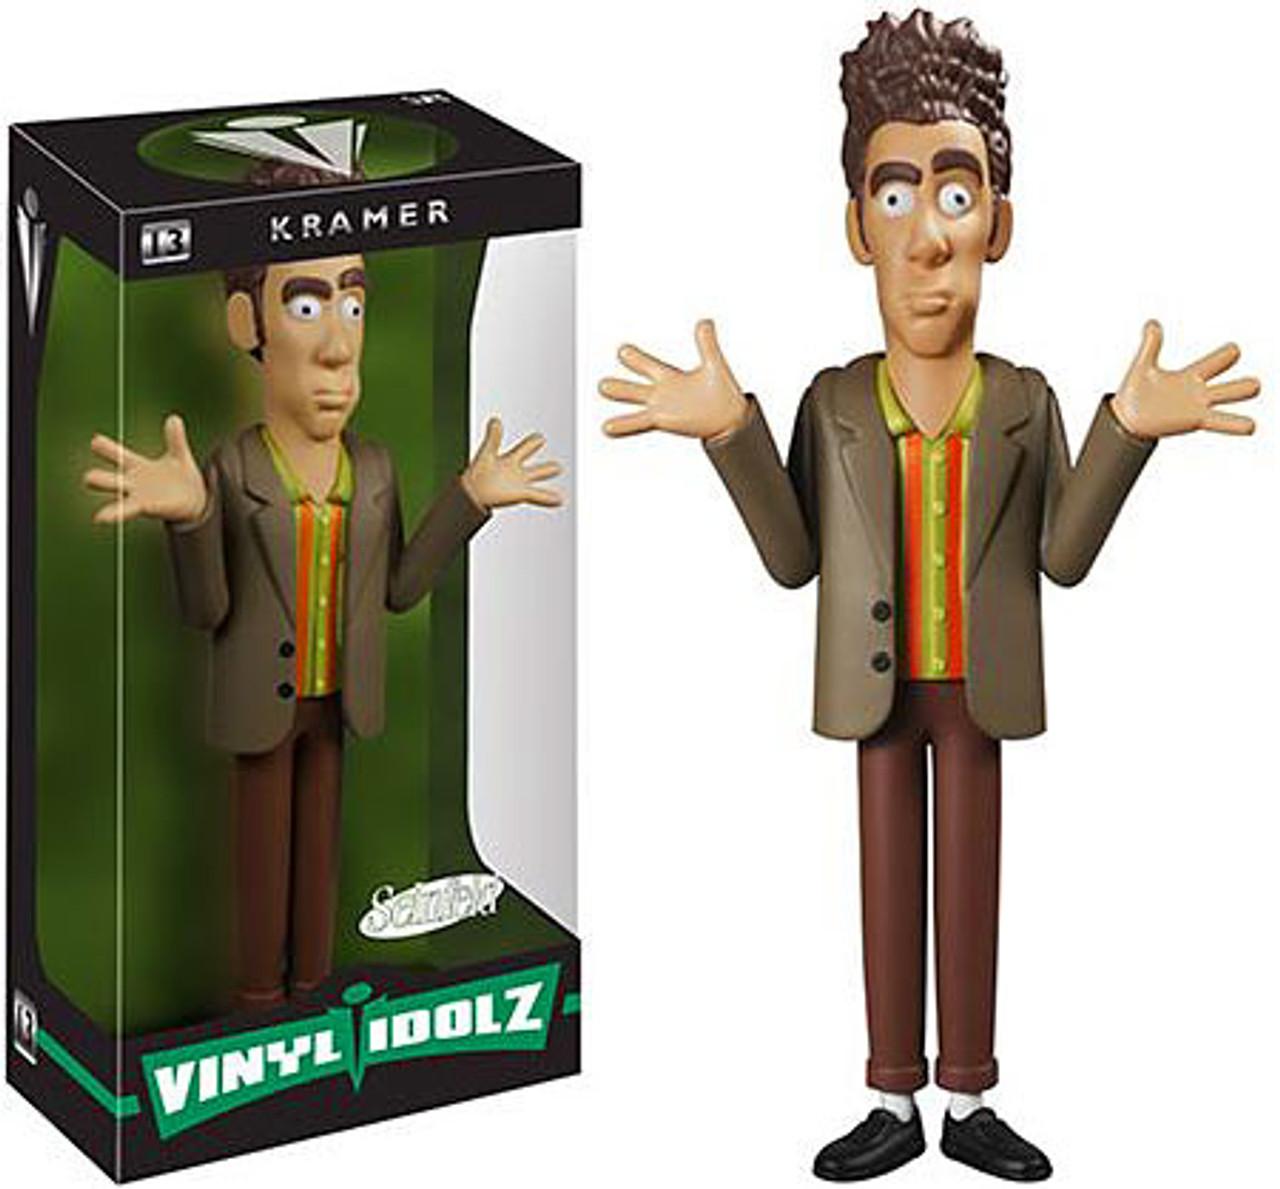 Funko Seinfeld Vinyl Idolz Kramer 8 Vinyl Figure 13 Toywiz